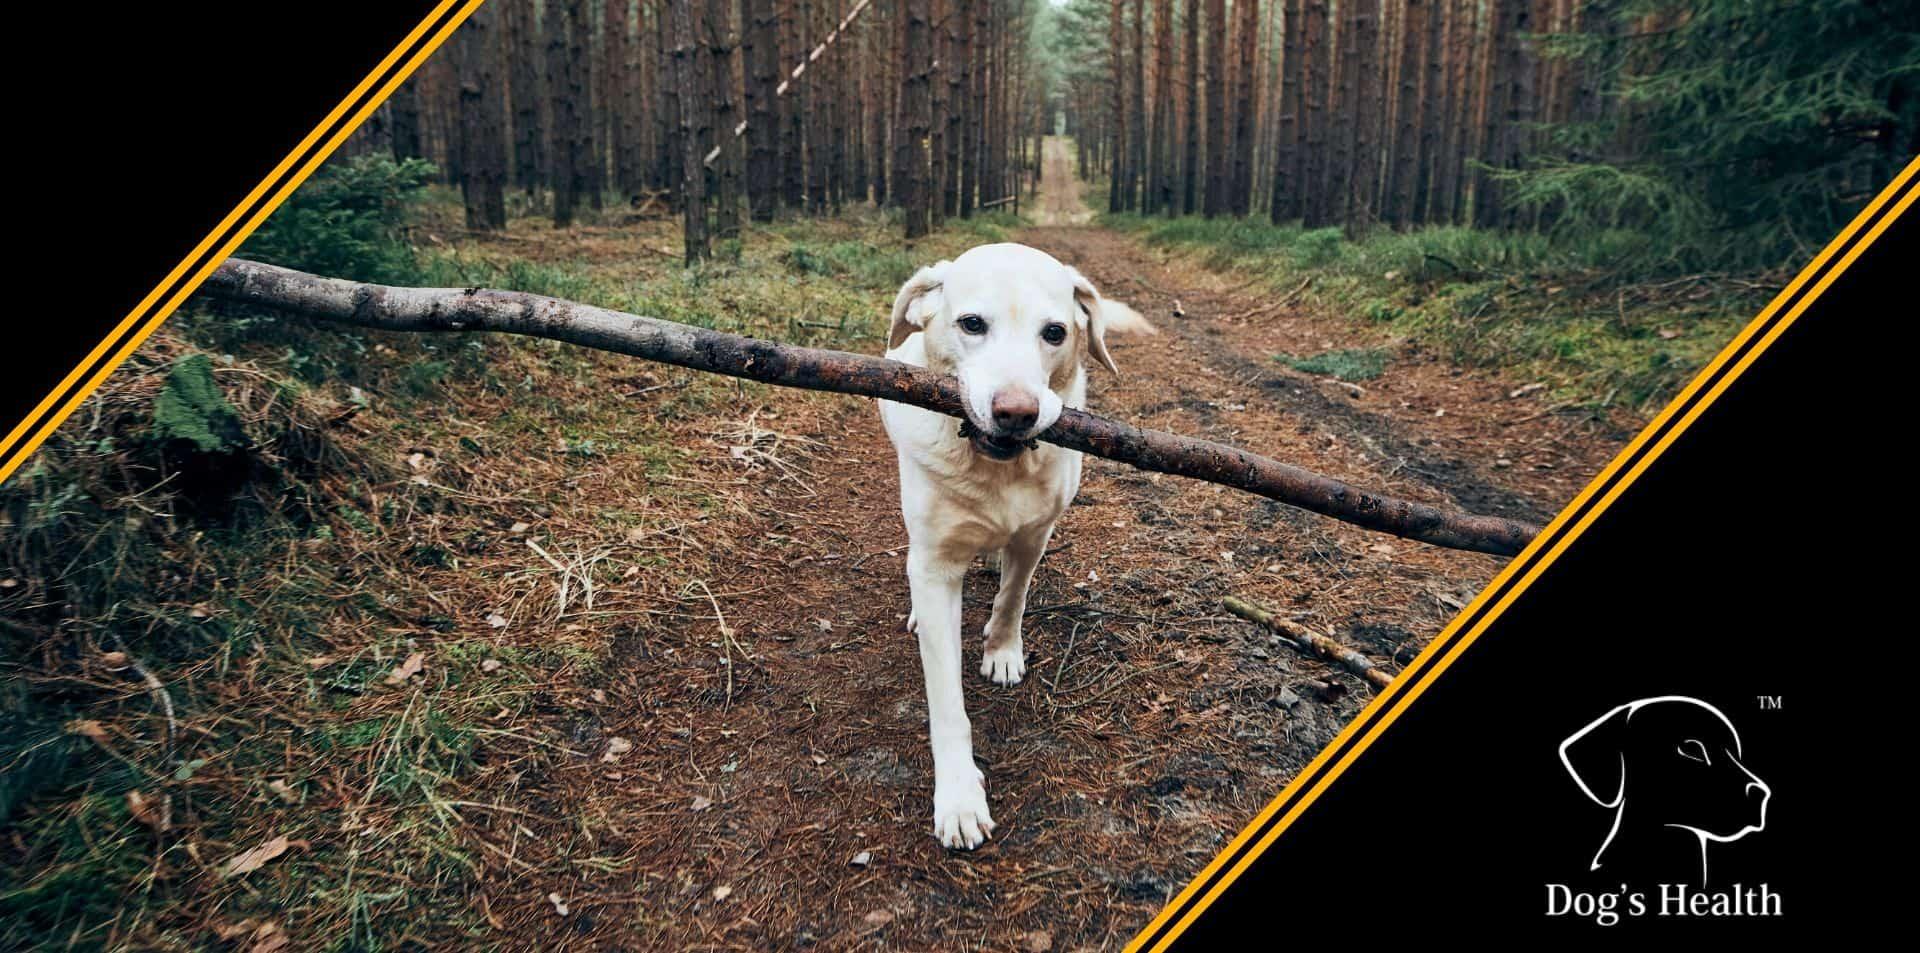 cane labrador retriever riporto